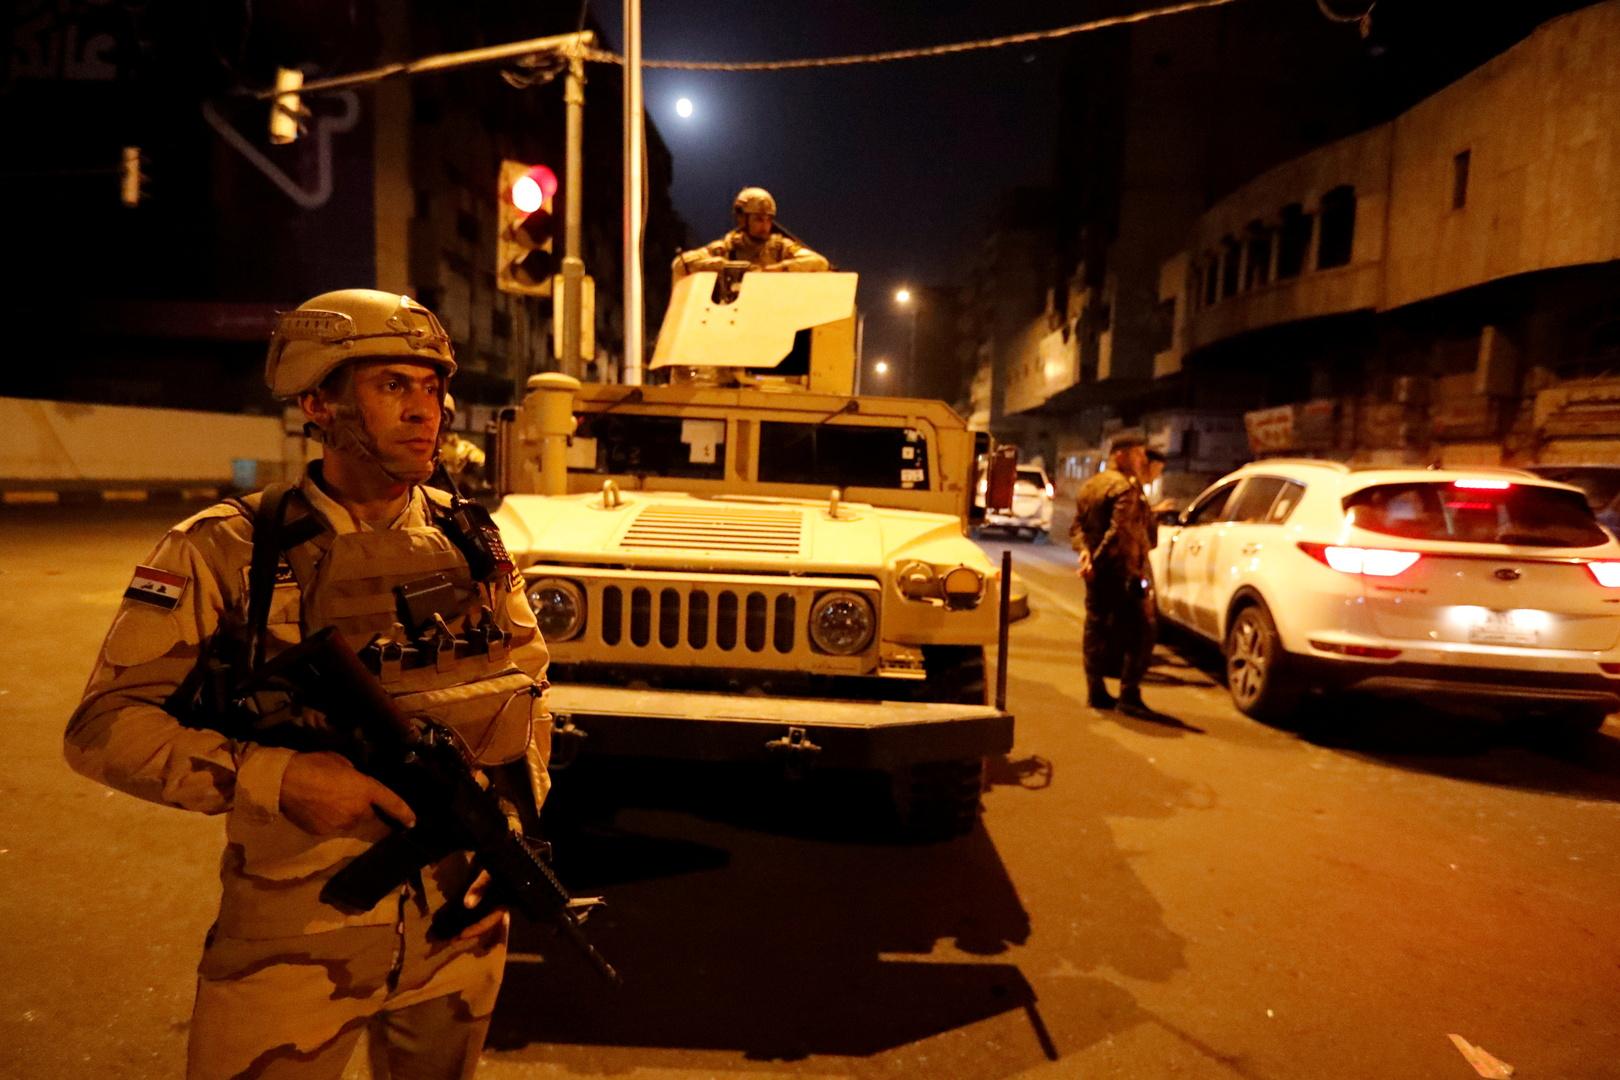 مراسلنا: العثور على 10 صواريخ في بغداد كانت معدة لاستهداف مقار أمريكية